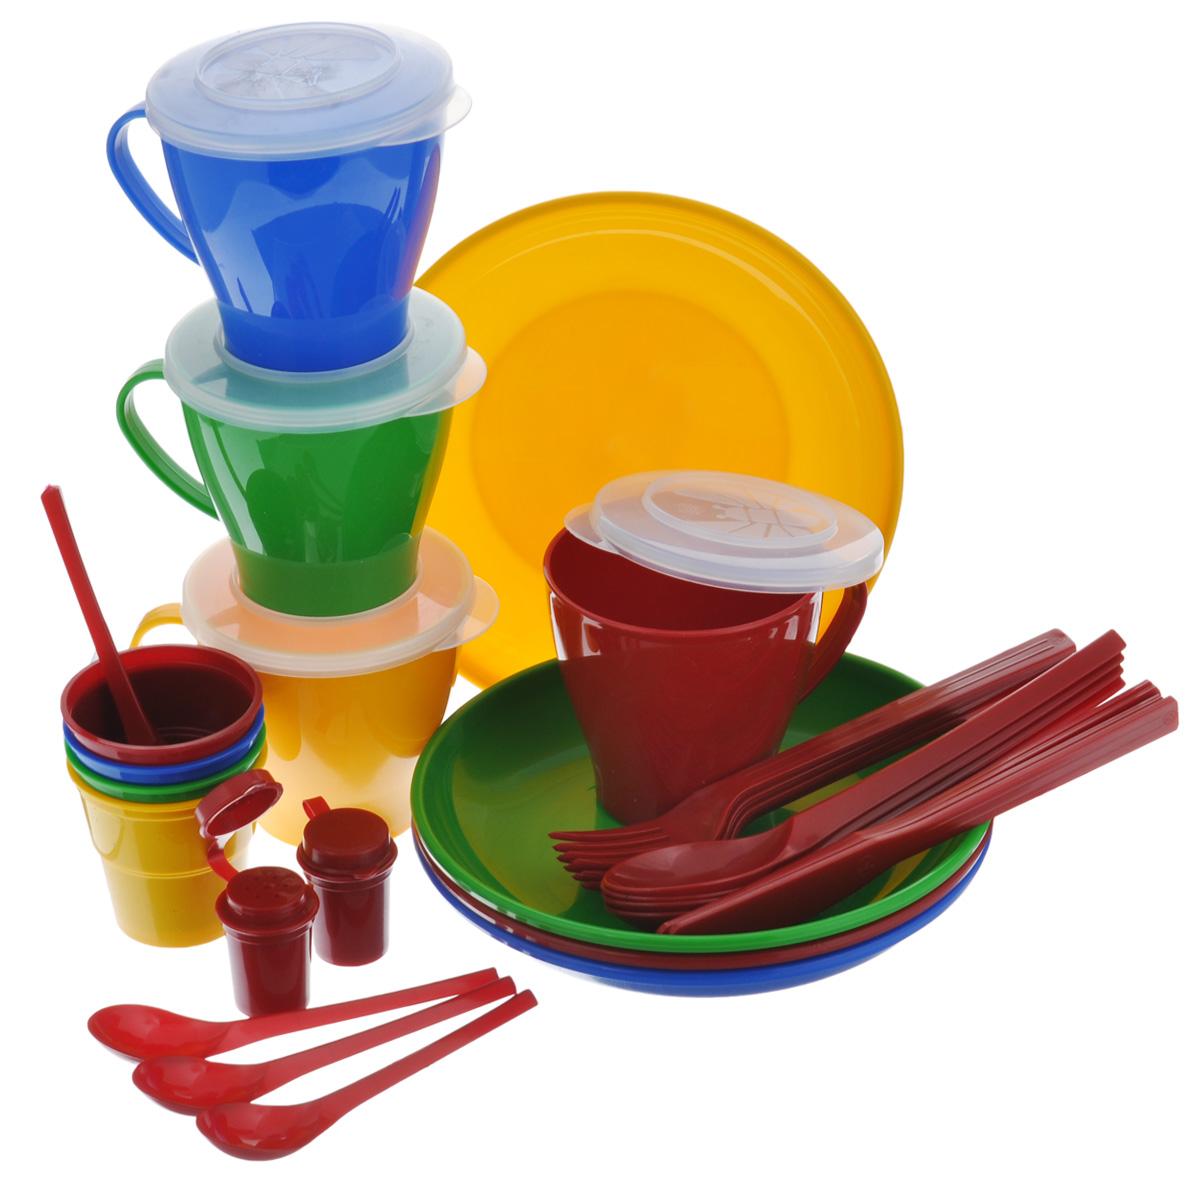 Набор посуды Solaris Универсальный, на 4 персоныS1402Компактный многофункциональный набор посуды Solaris Универсальный на 4 персоны, в удобной виниловой сумке с ручкой и молнией.Свойства посуды:Посуда из ударопрочного пищевого полипропилена предназначена для многократного использования. Легкая, прочная и износостойкая, экологически чистая, эта посуда работает в диапазоне температур от -25°С до +110°С. Можно мыть в посудомоечной машине. Эта посуда также обеспечивает:Хранение горячих и холодных пищевых продуктов;Разогрев продуктов в микроволновой печи;Приготовление пищи в микроволновой печи на пару (пароварка);Хранение продуктов в холодильной и морозильной камере;Кипячение воды с помощью электрокипятильника.Состав набора:4 тарелки; 4 чашки для супа/напитка с герметичной крышкой, объем 0,36 л;4 стакана с мерными делениями, объем 0,1 л;4 вилки;4 ложки столовых;4 ножа;4 ложки чайных;2 солонки.Диаметр тарелок: 19 см.Высота тарелок: 3 см.Высота стаканов: 6,3 см.Диаметр стаканов: 6,5 см.Высота чашек: 9 см.Диаметр чашек по верхнему краю (без учета ручки): 9 см.Длина ложек: 19 см.Длина ложек: 19 см.Длина ножей: 19 см.Длина чайных ложек: 13,5 см.